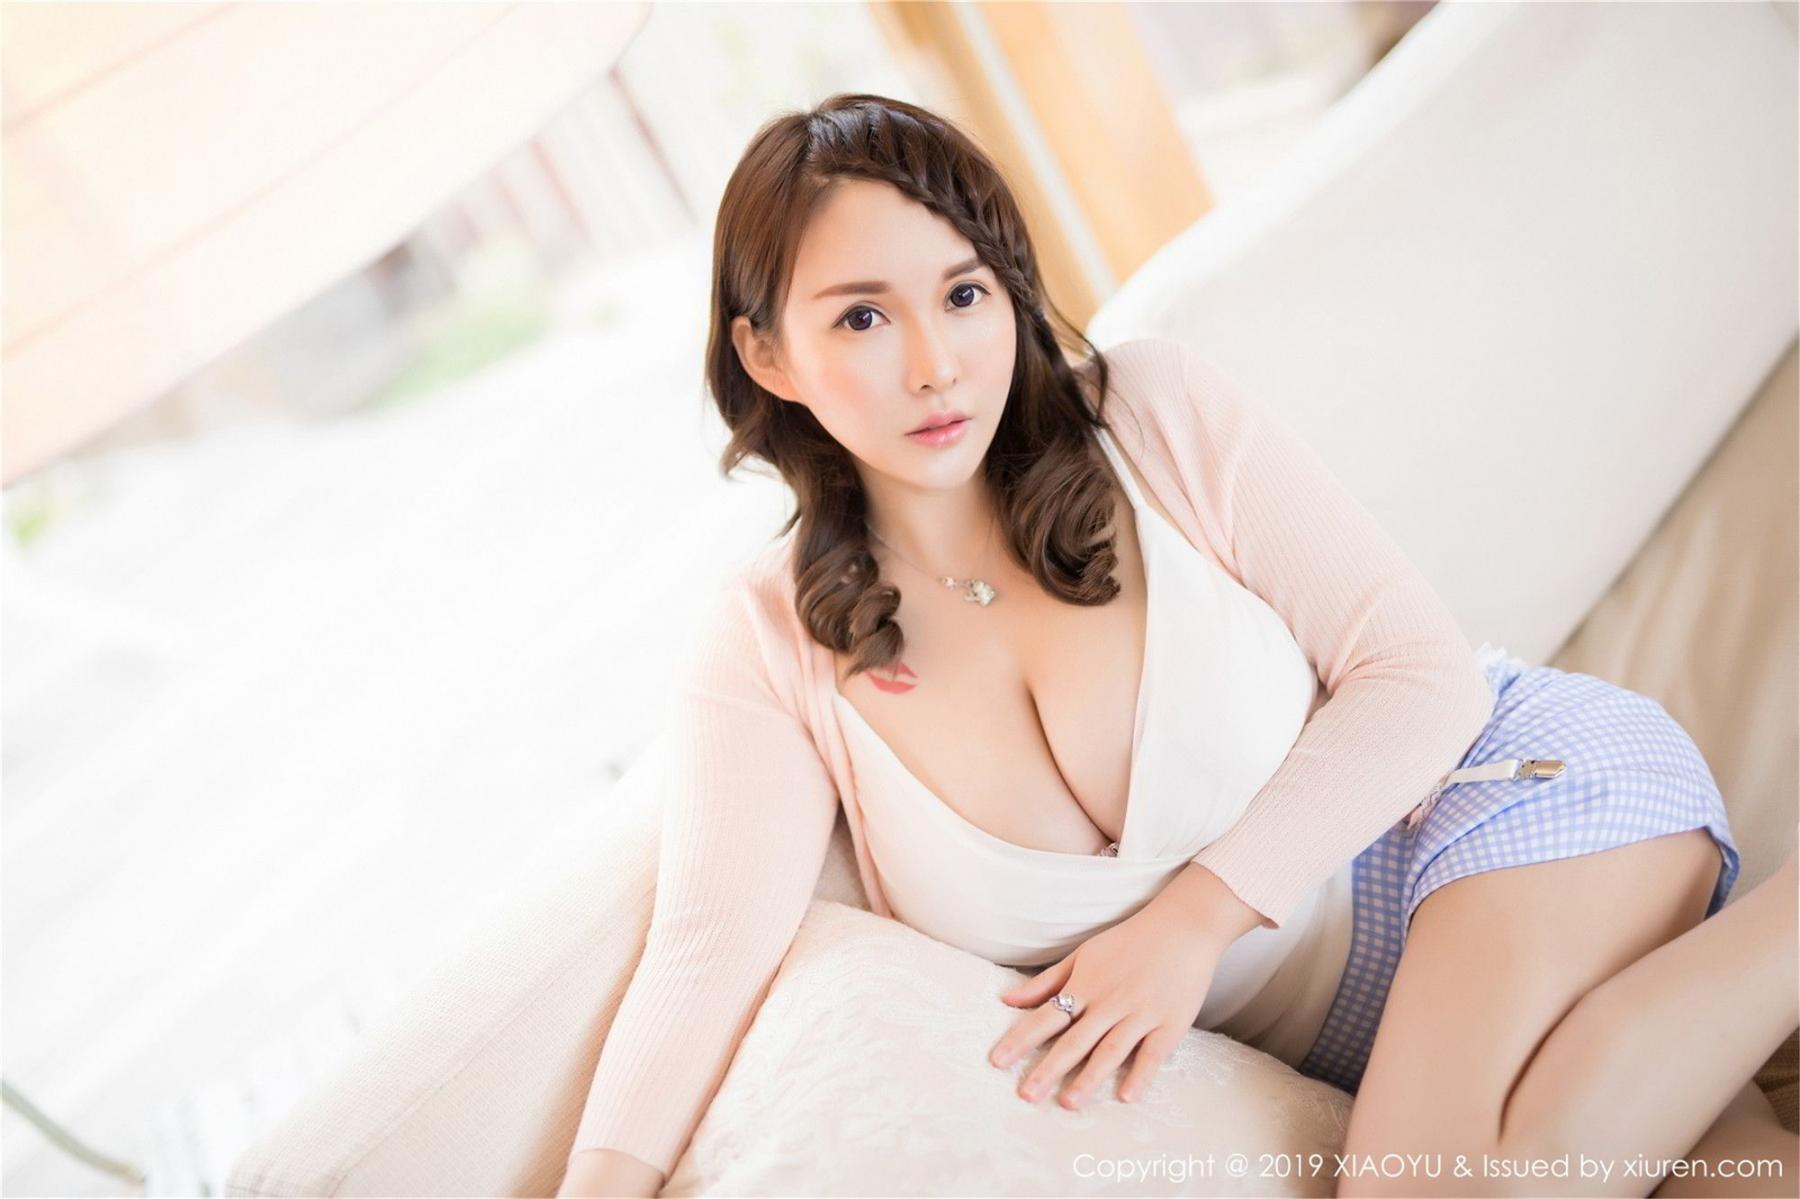 [XiaoYu] Vol.080 Shen Mi Tao 32P, Shen Mi Tao, XiaoYu